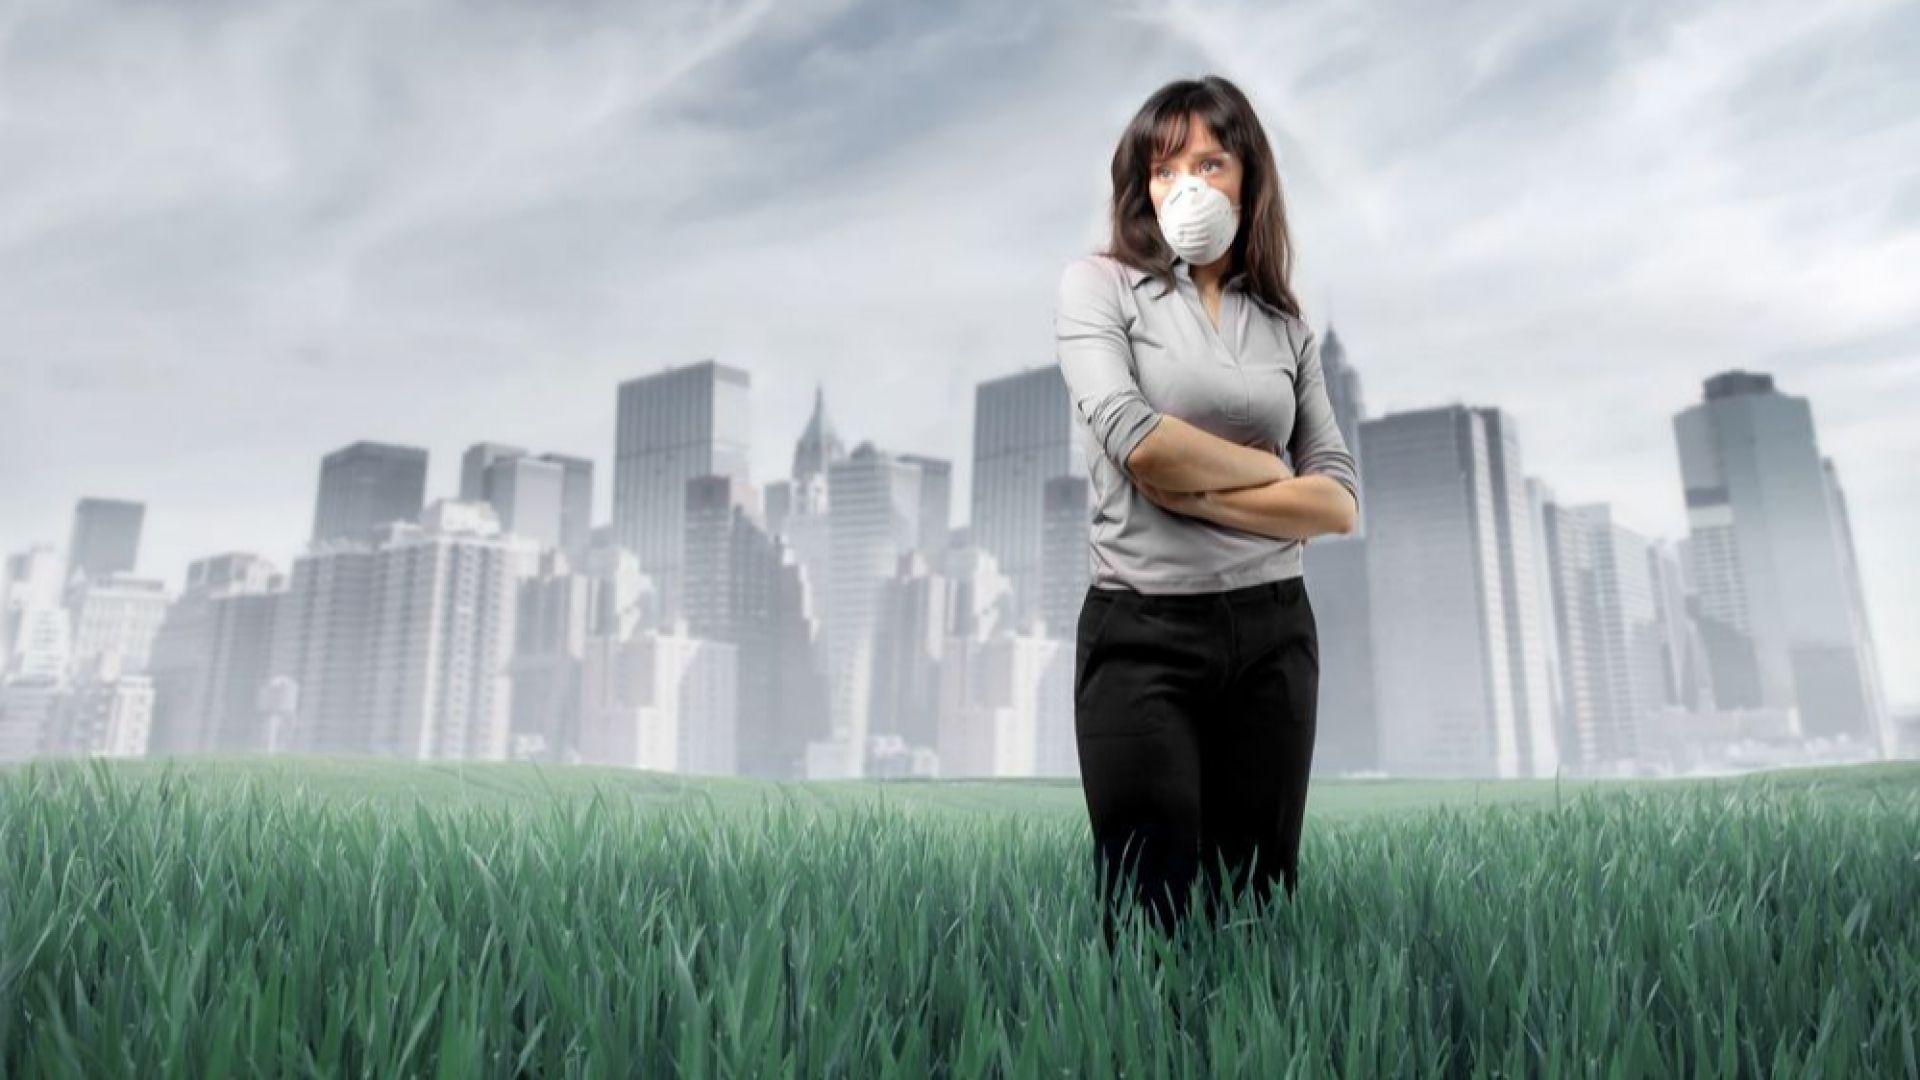 Замърсяването на въздуха увеличава риска от рак на устата